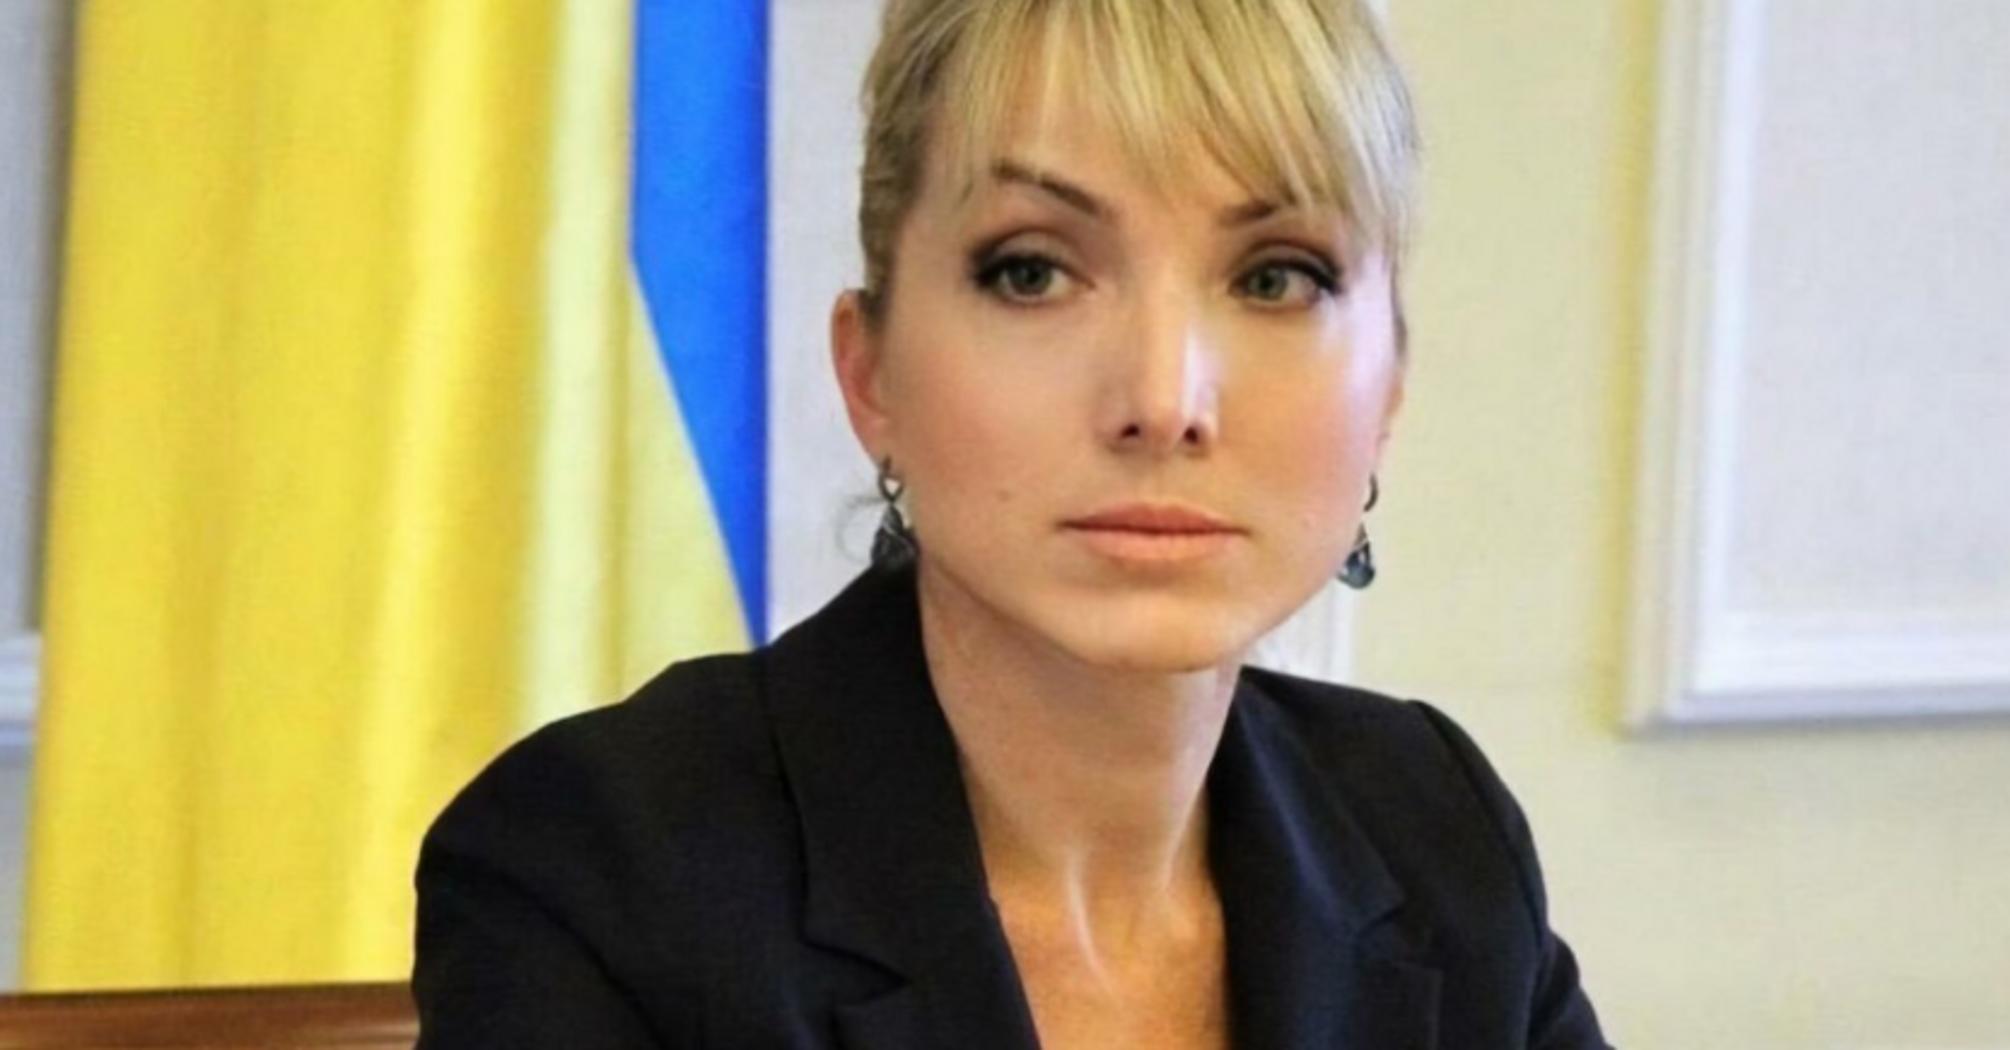 """И.о. министра энергетики хочет остановить """"Энергоатом"""", чтобы спасти Ахметова - Лещенко"""